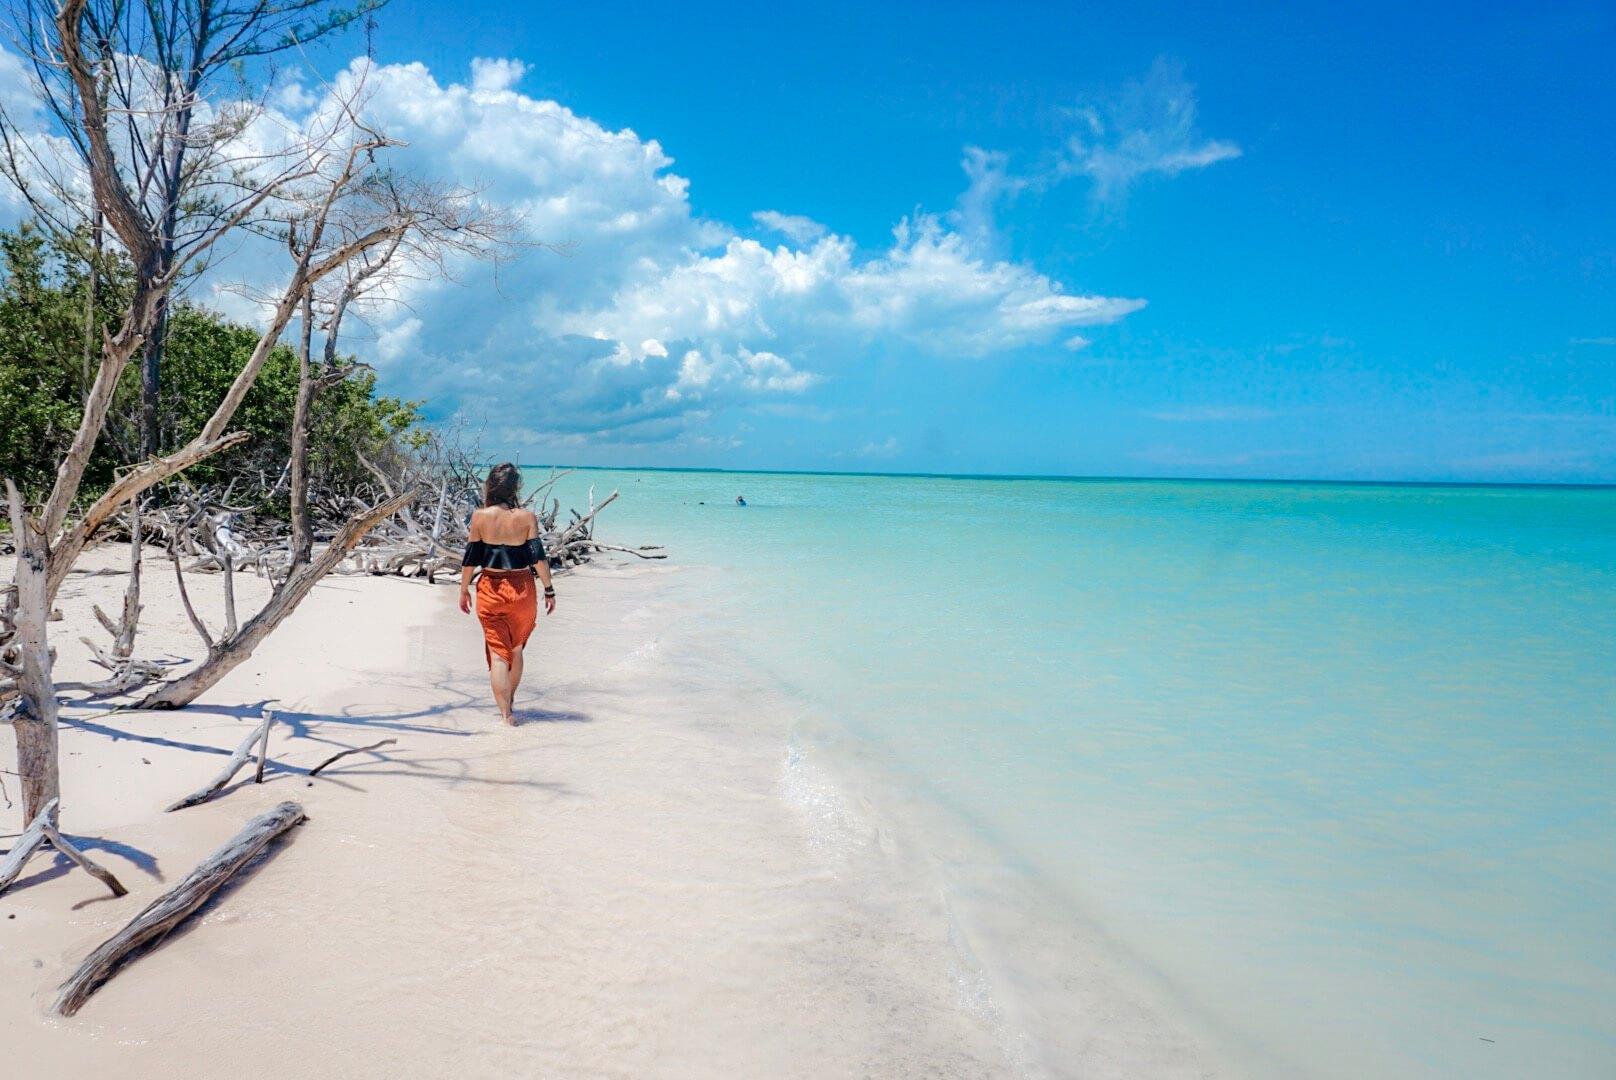 plage paradisiaque de cuba